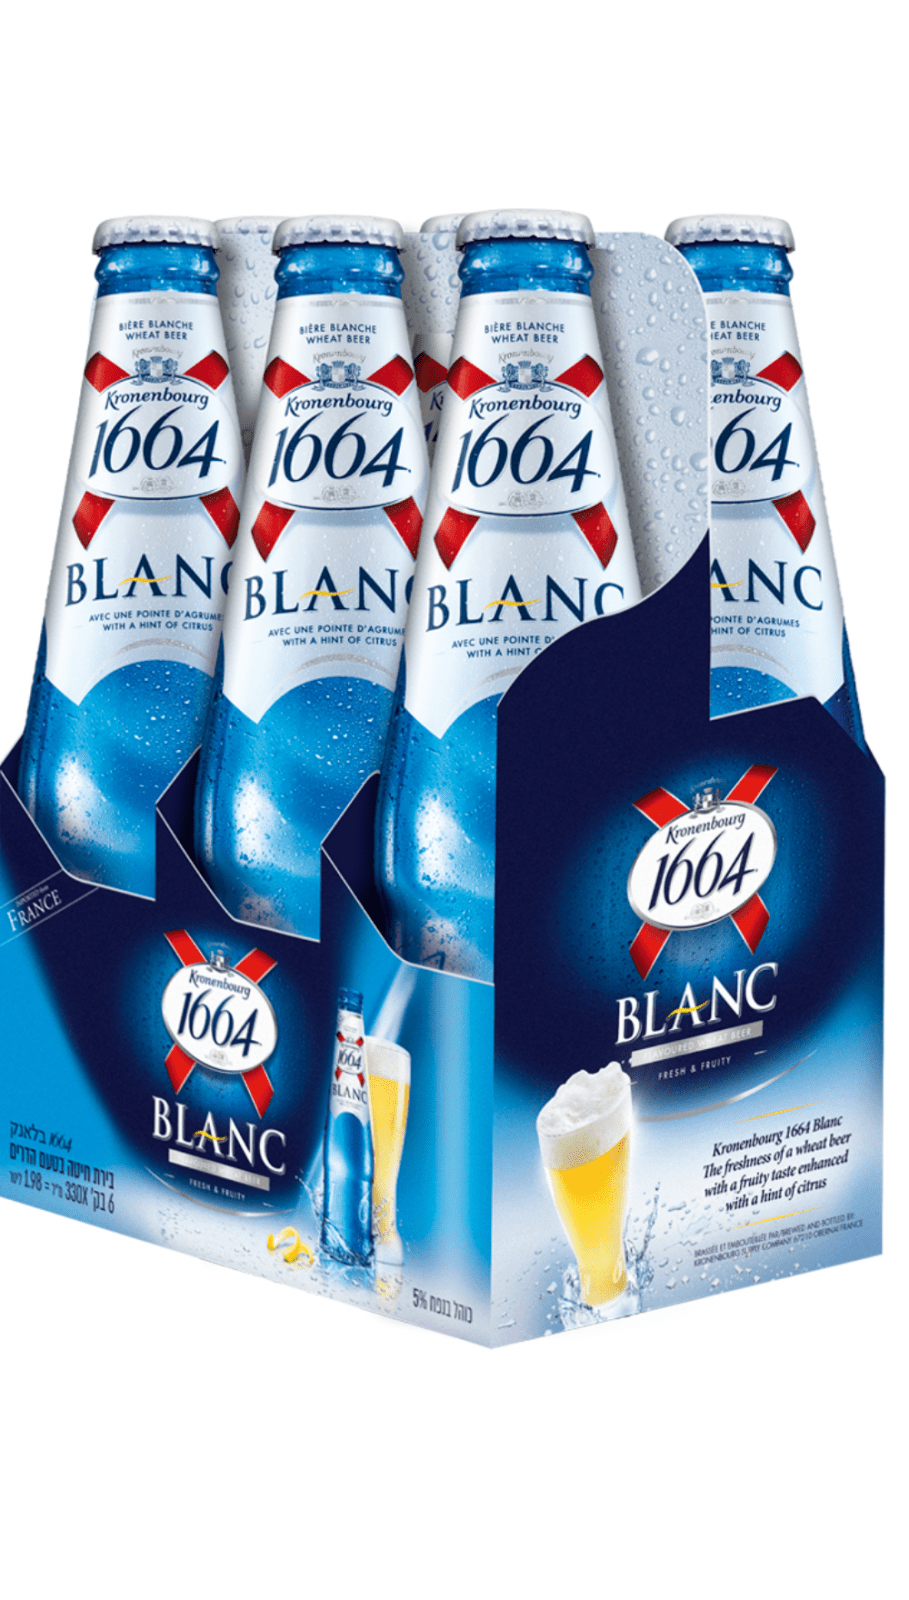 בירה 1664 BLANC שישייה